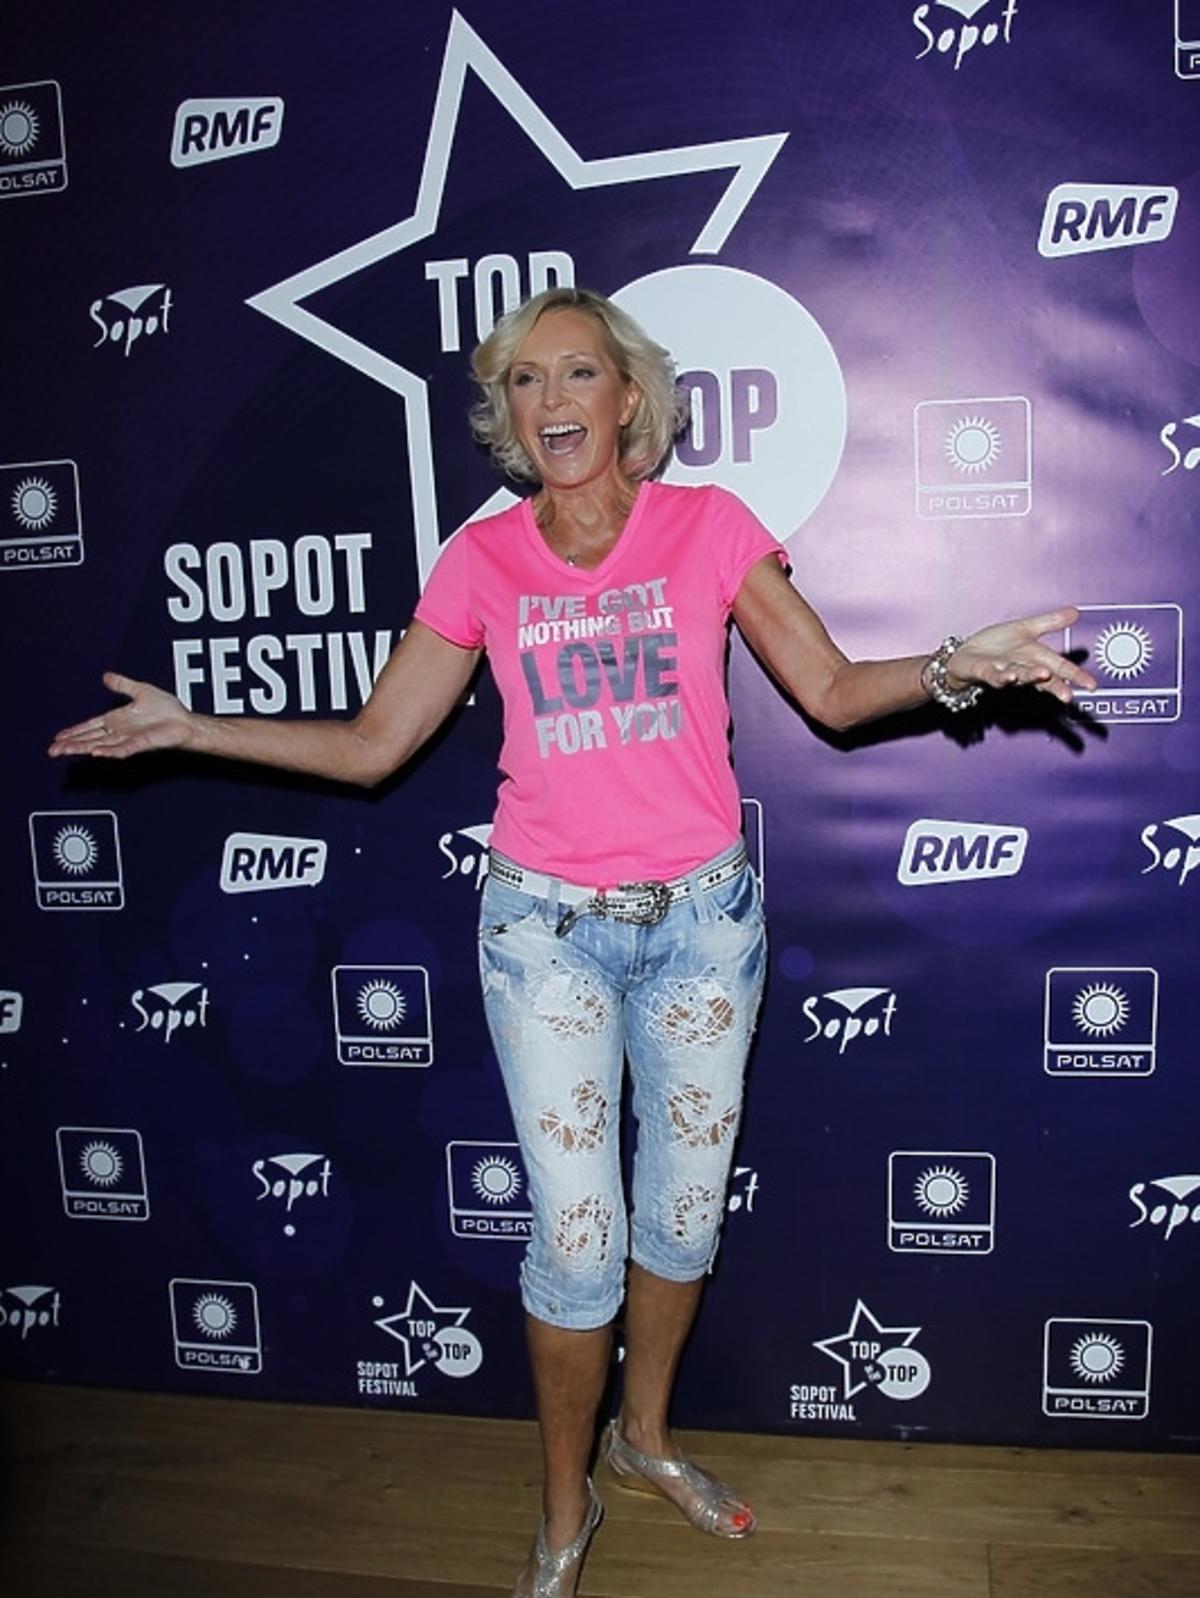 Helena Vondráčková podczas konferencji Sopot Top of the Top Festival 2013